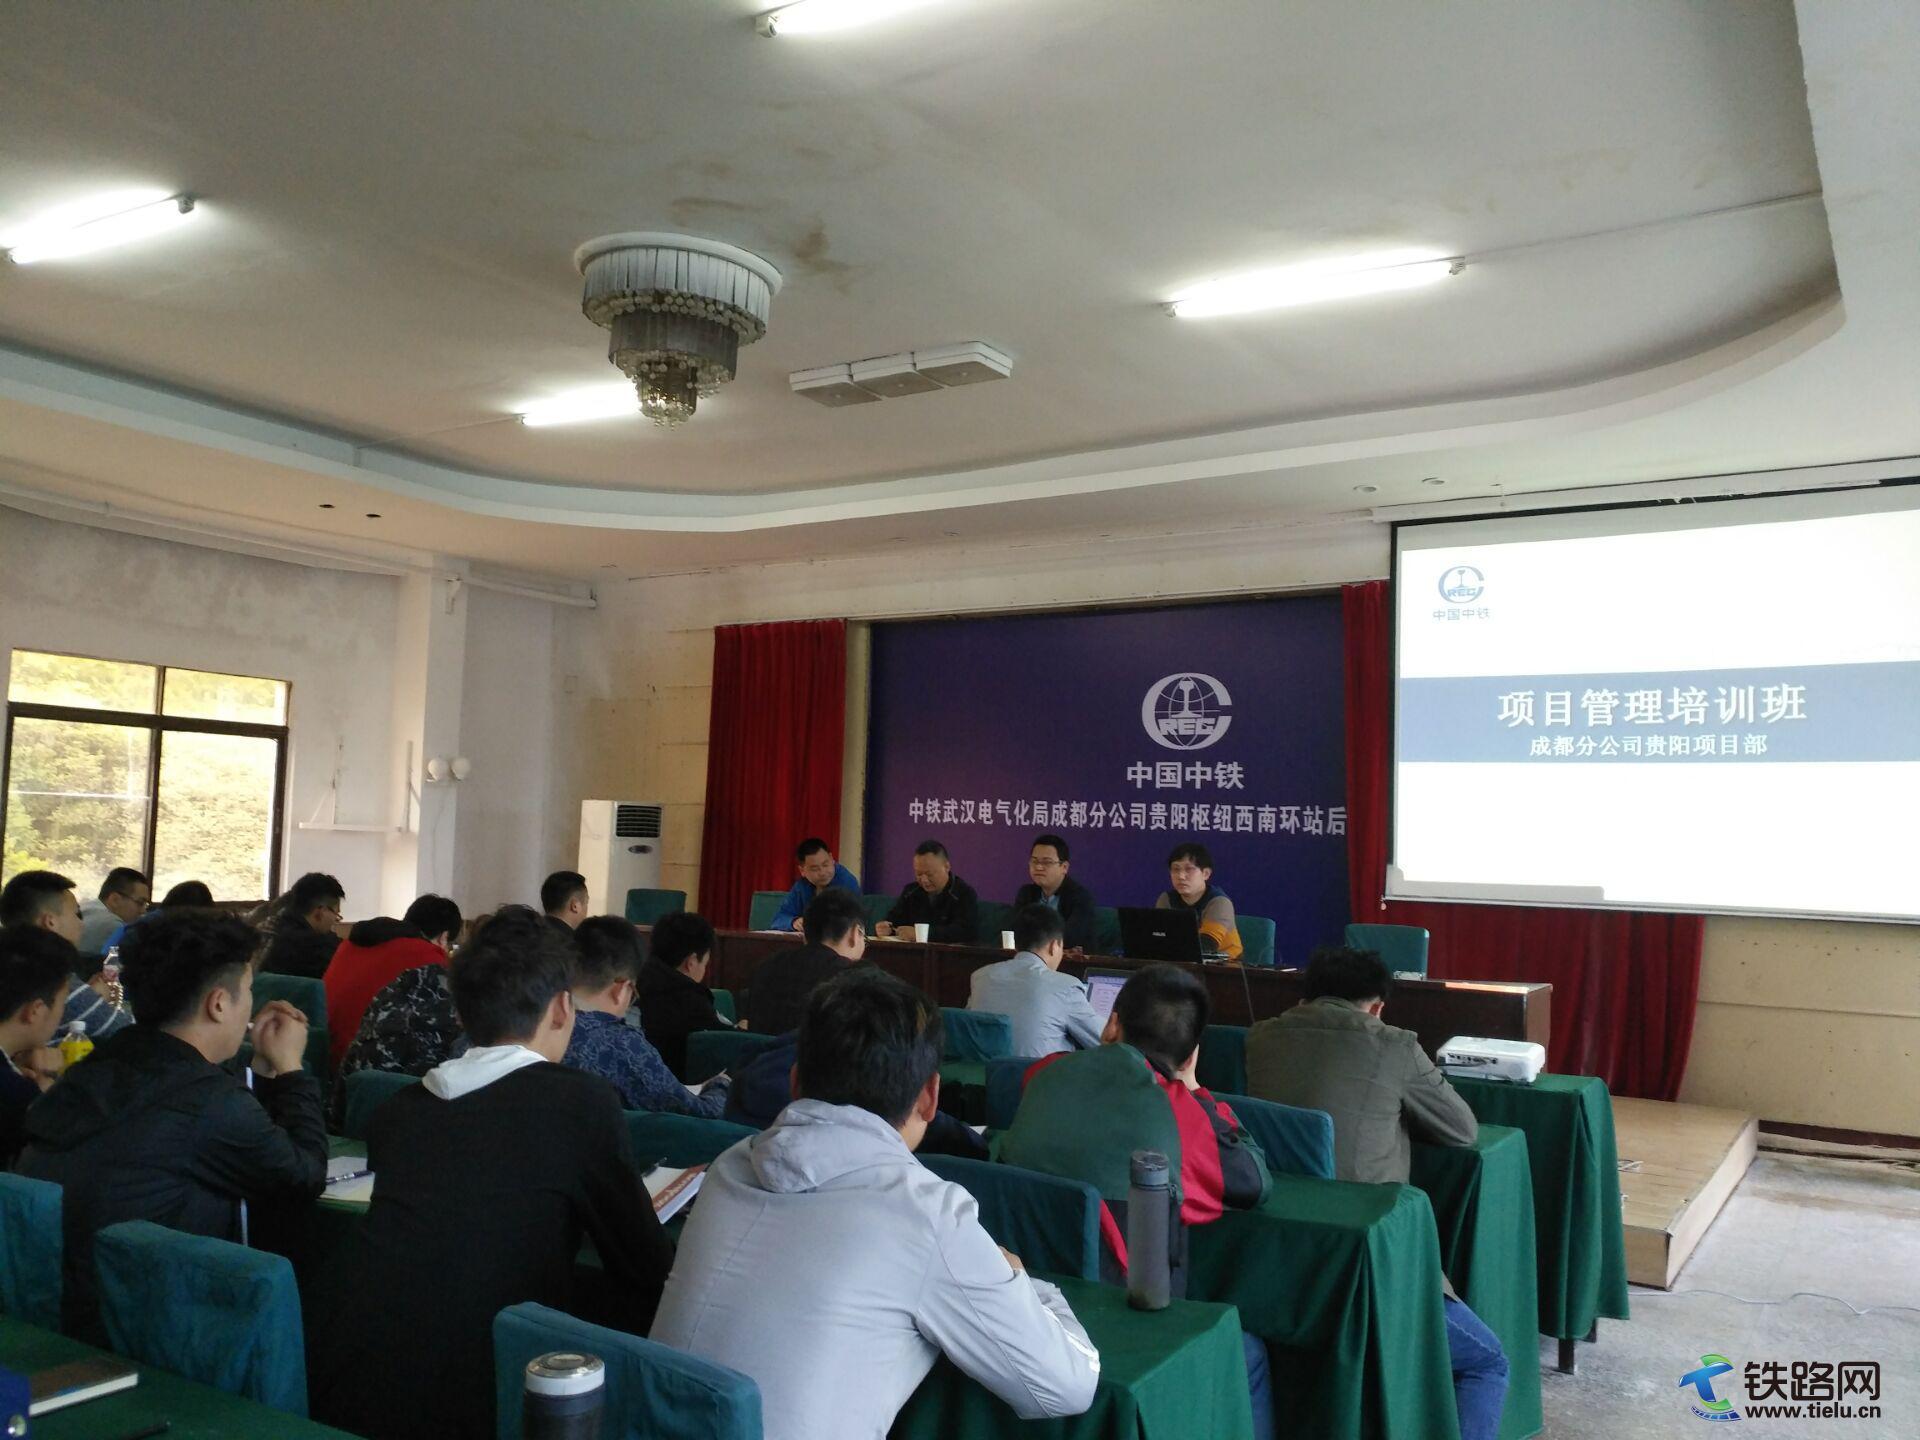 中铁武汉电气化局成都分公司贵阳枢纽西南环项目部开展项目管理培训.jpg